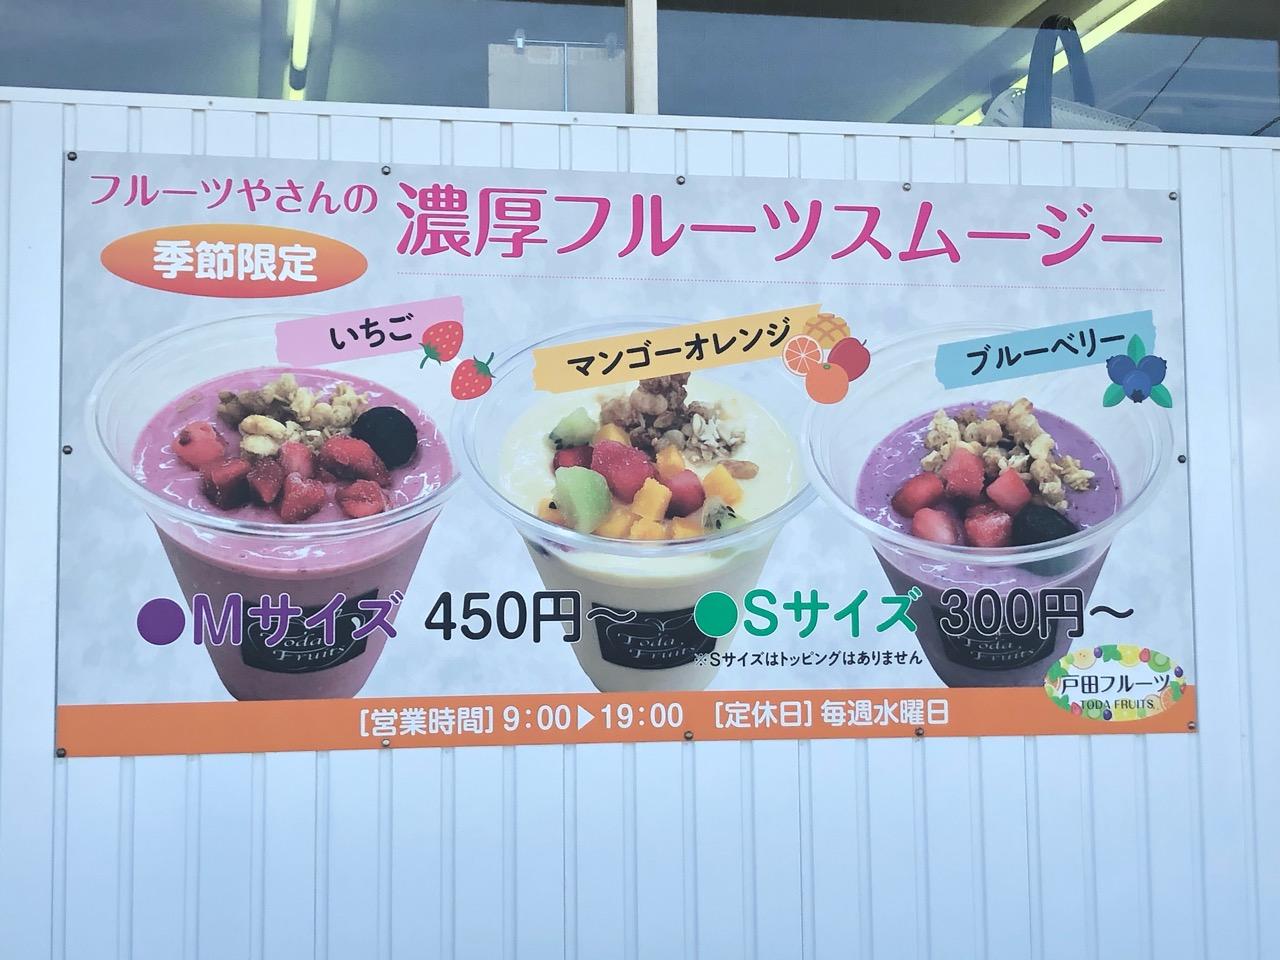 戸田フルーツのスムージー看板